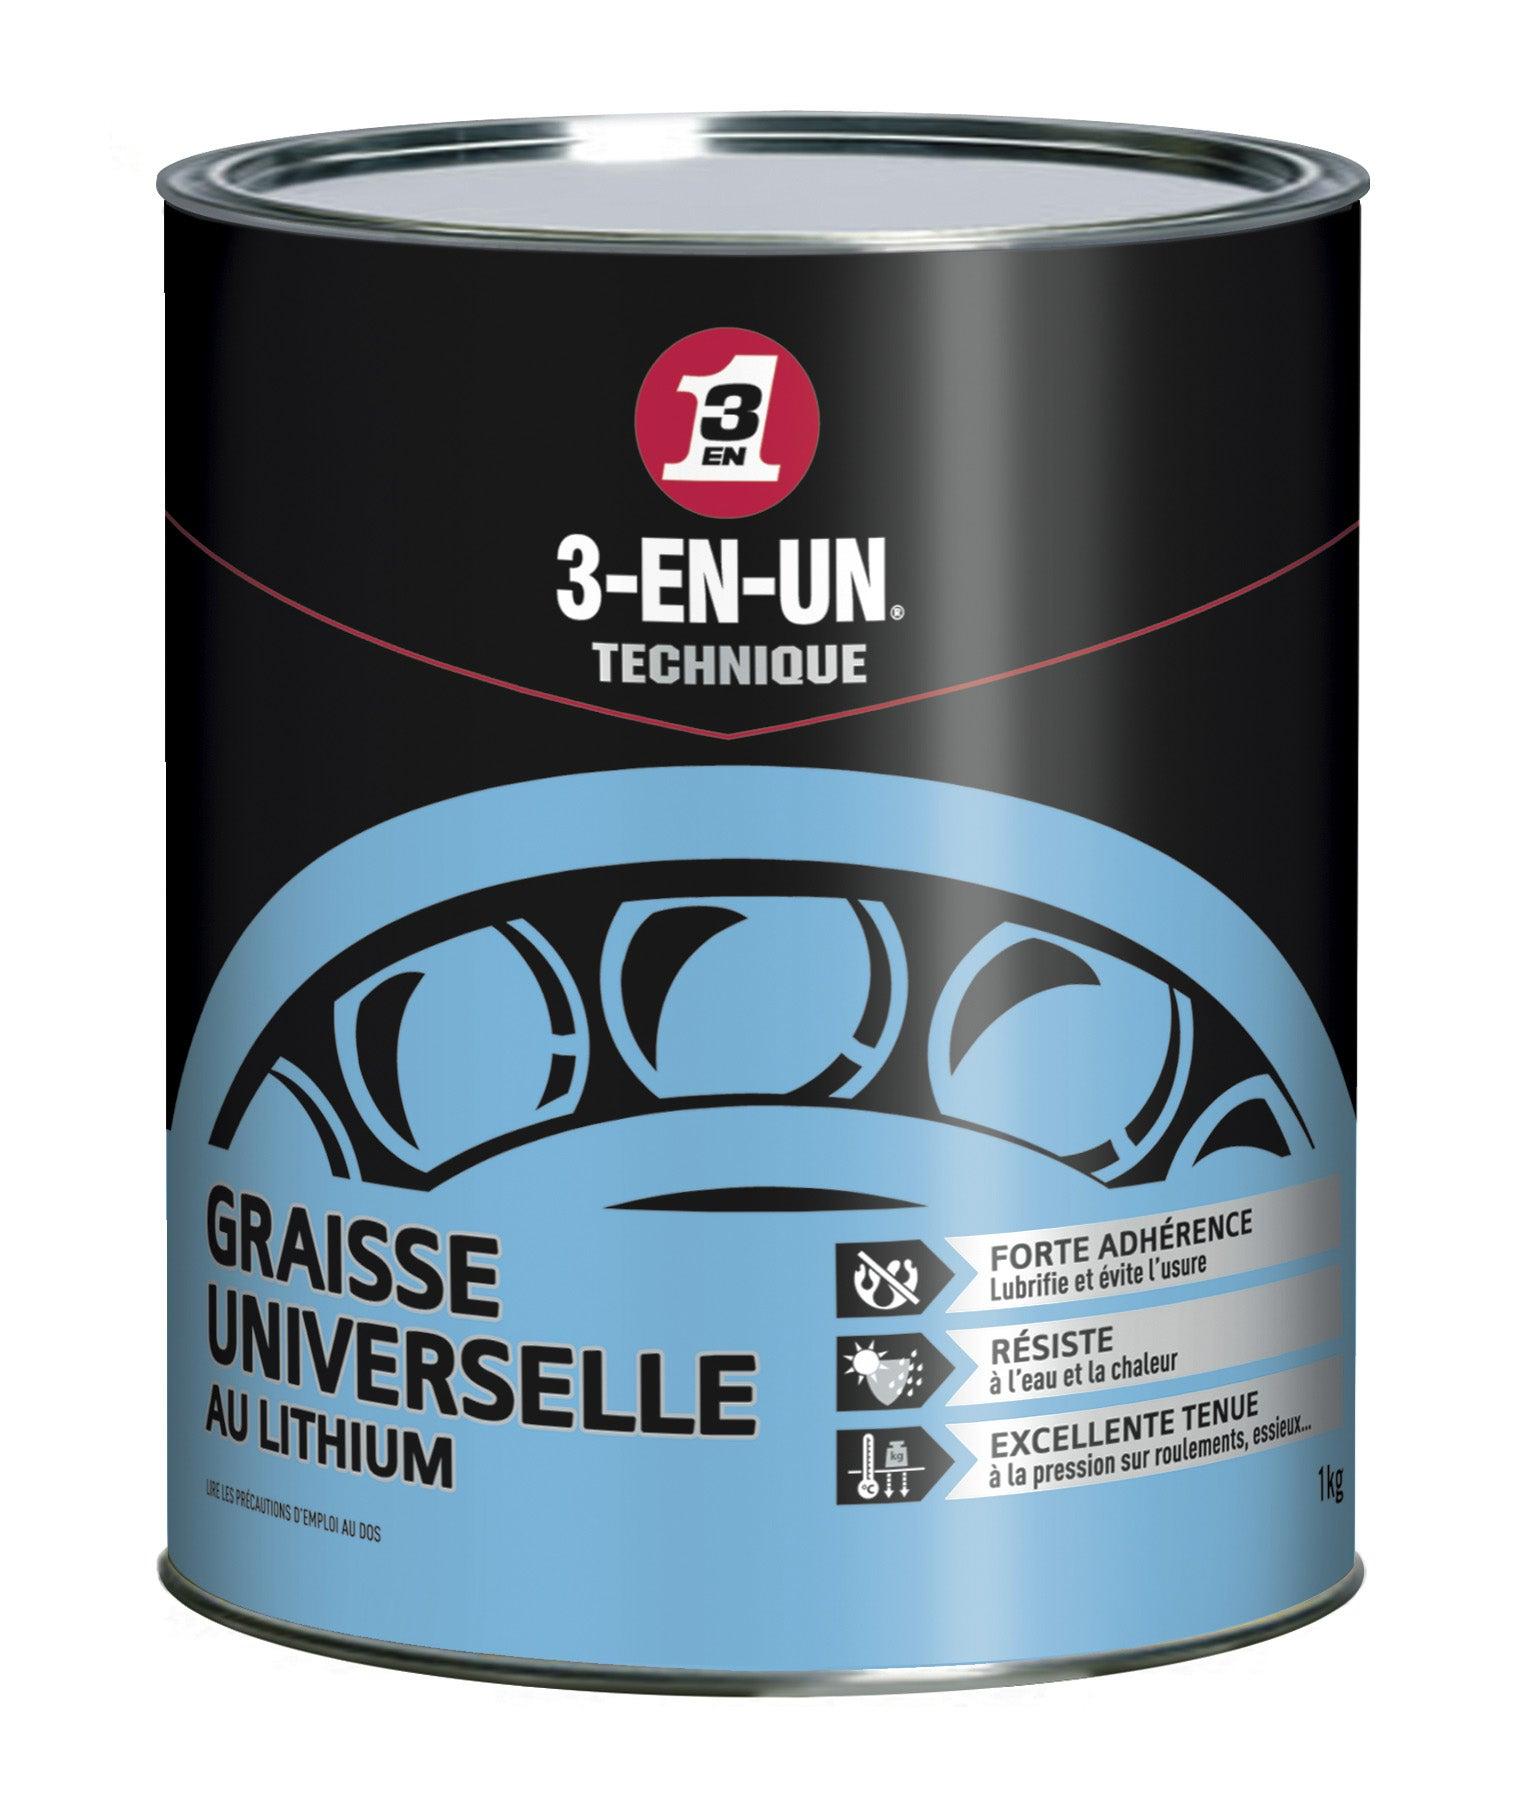 Graisse Universelle Au Lithium En Pot 1000 G 3 En Un Technique